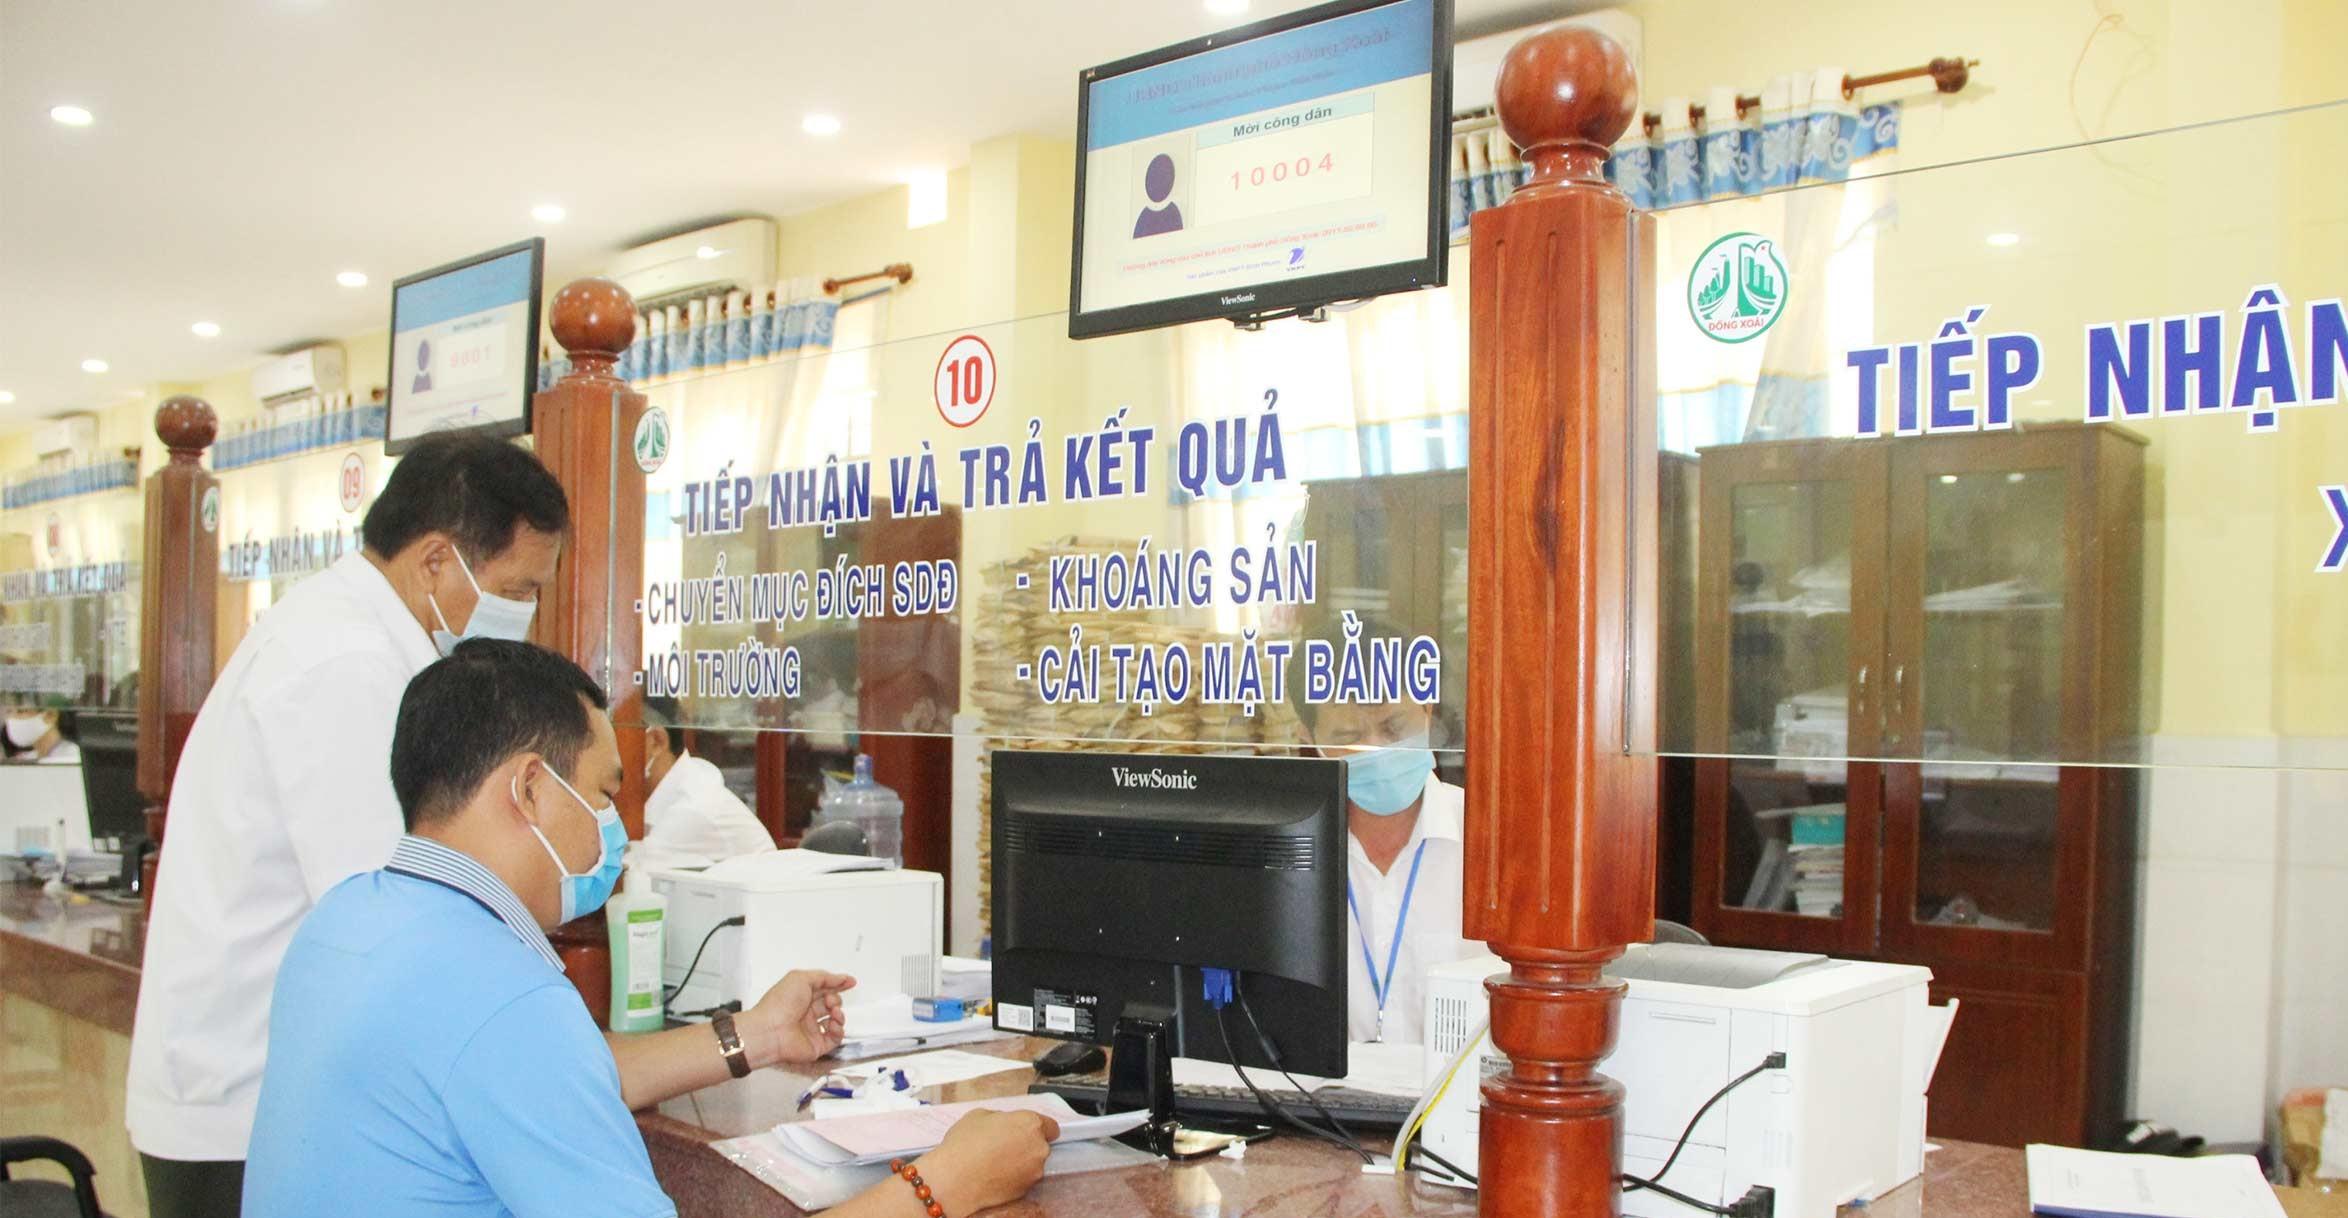 Ðồng Xoài Bình Phước đi đầu trong dịch vụ công trực tuyến